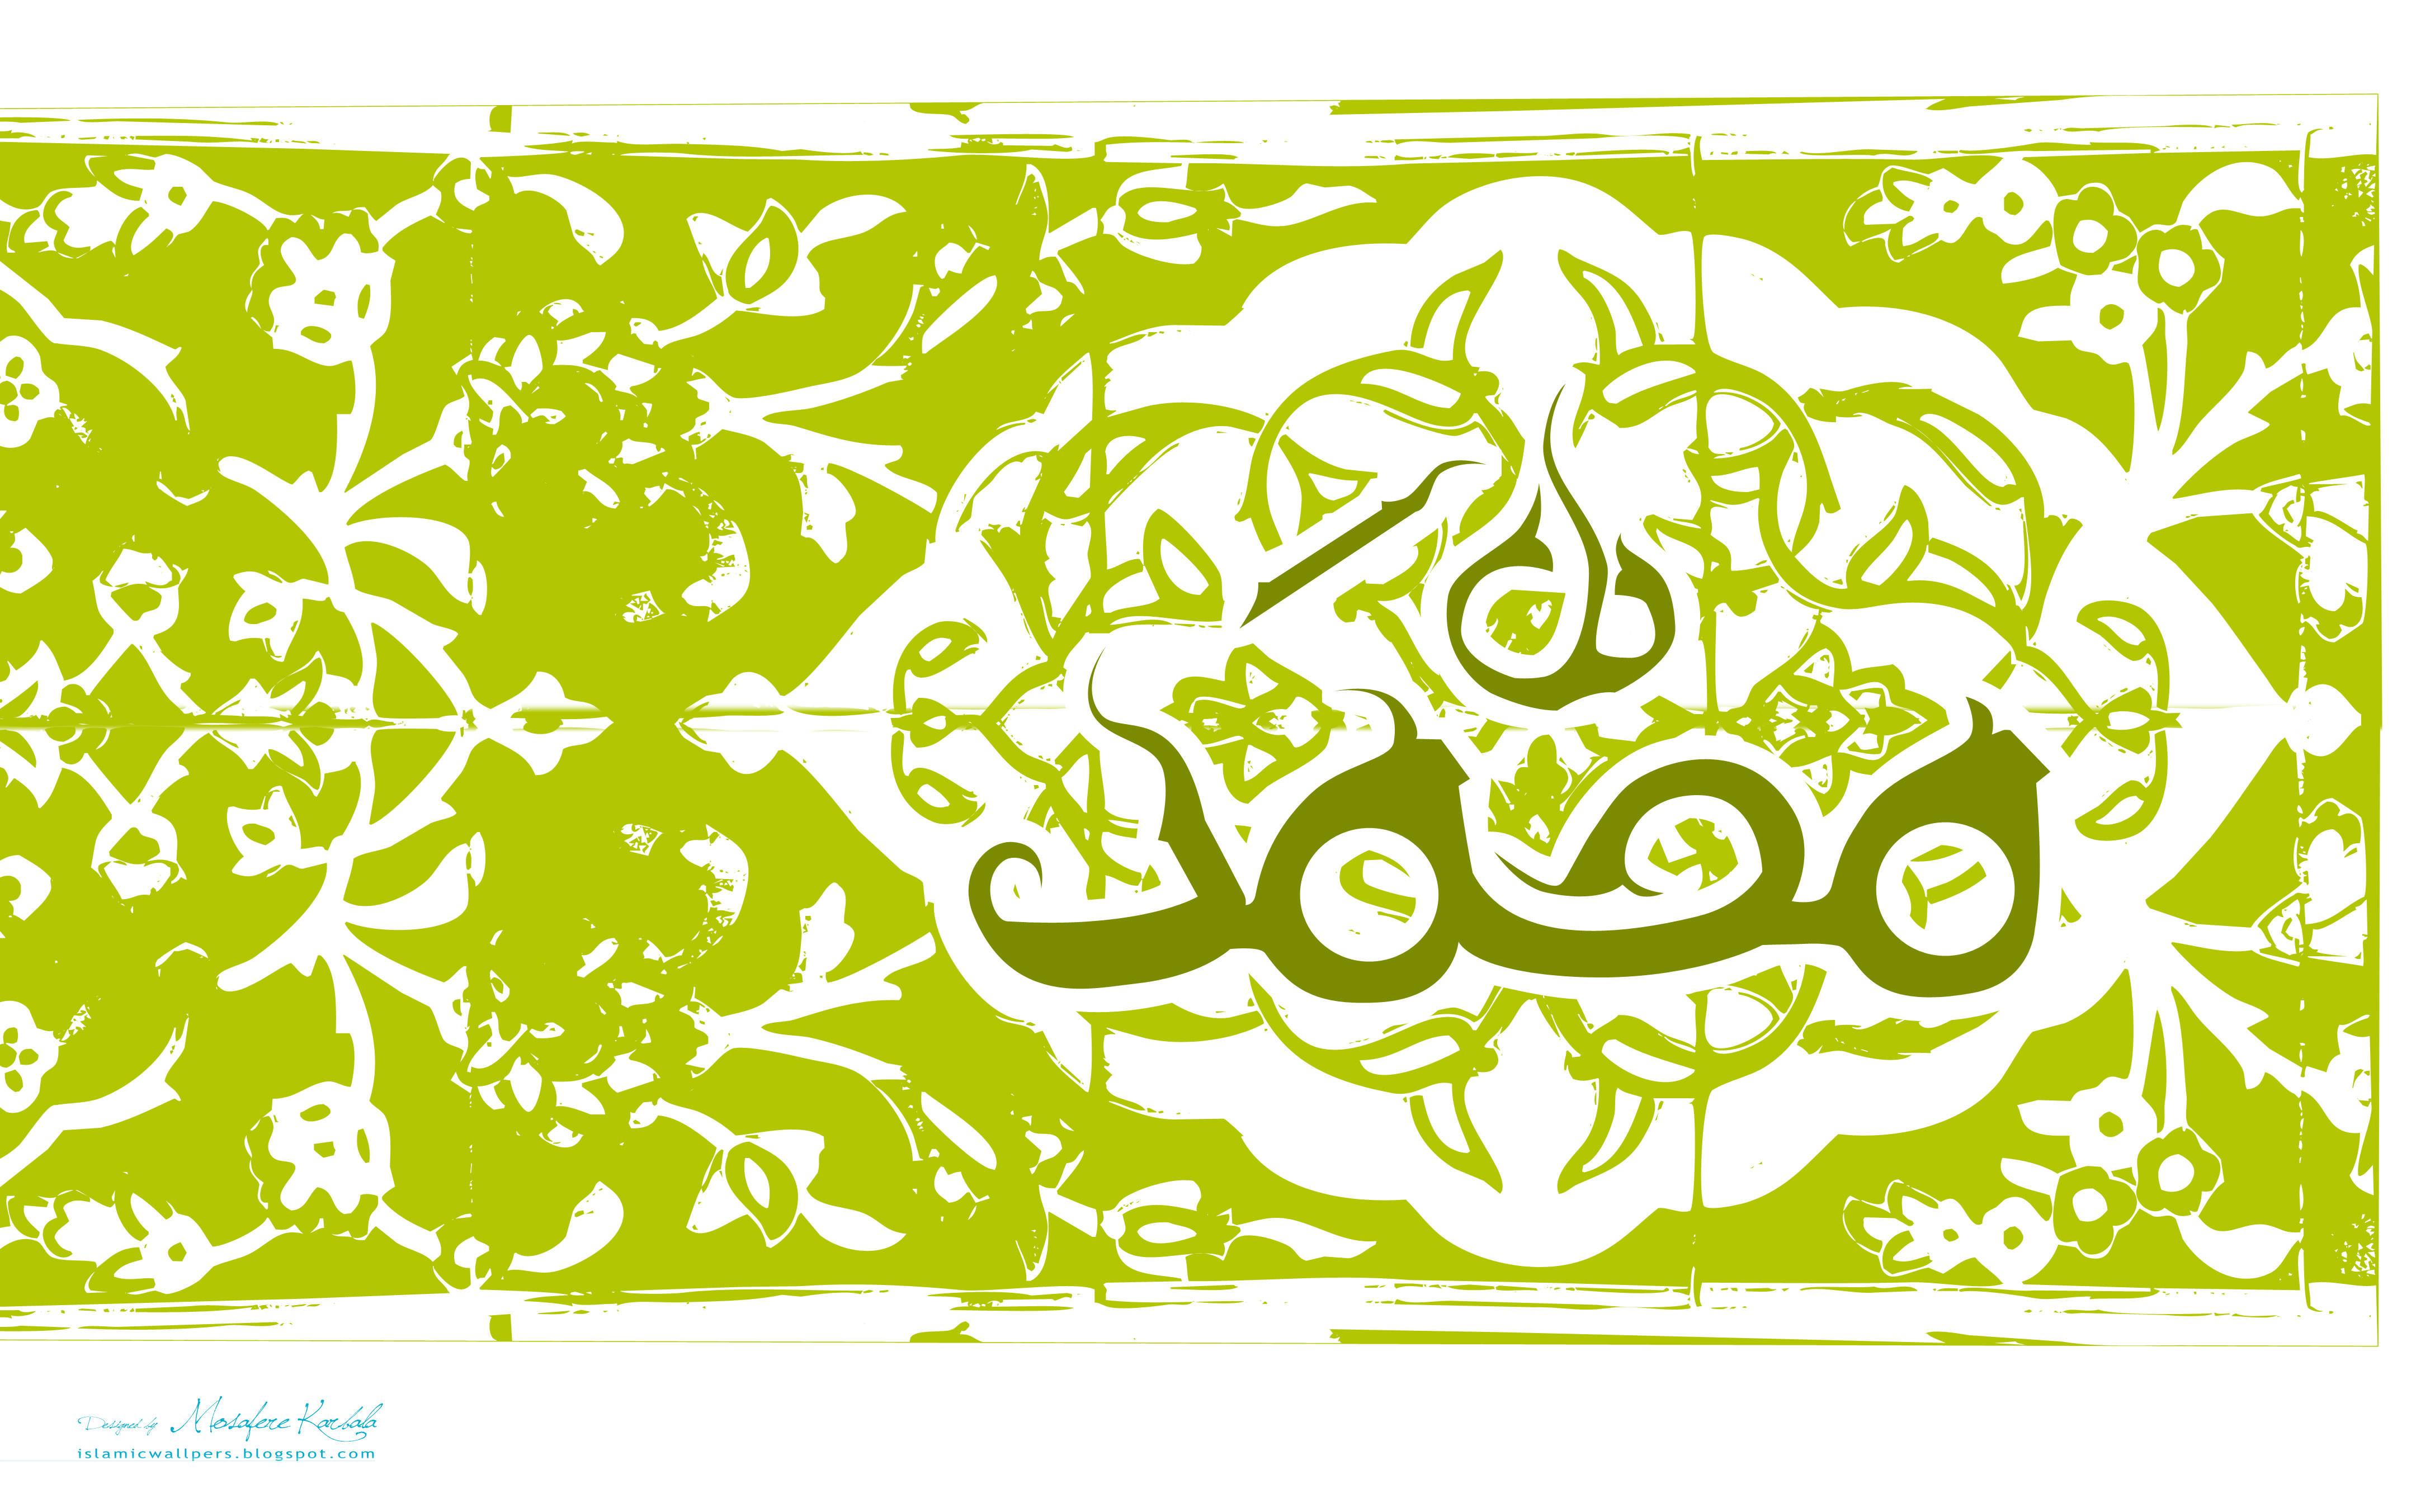 നബിദിനാഘോഷം: വഹാബീവൈരുദ്ധ്യങ്ങള്